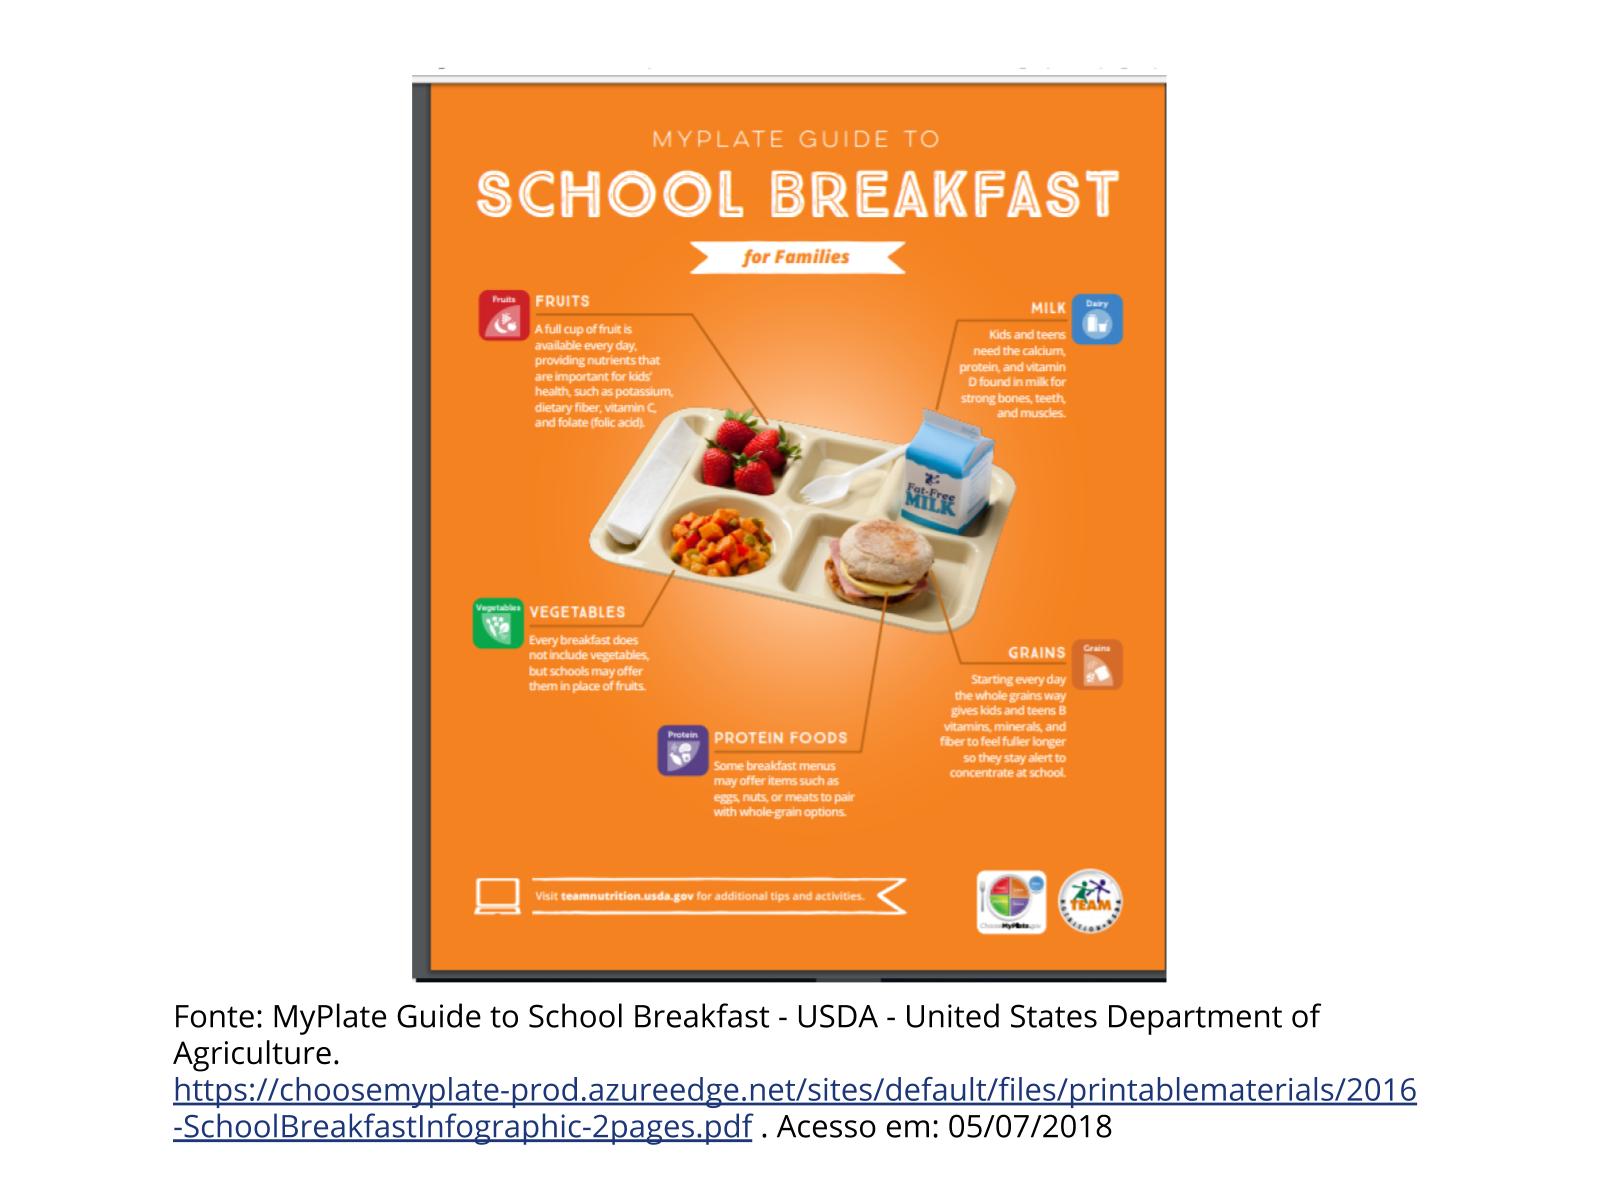 School Breakfast in the USA